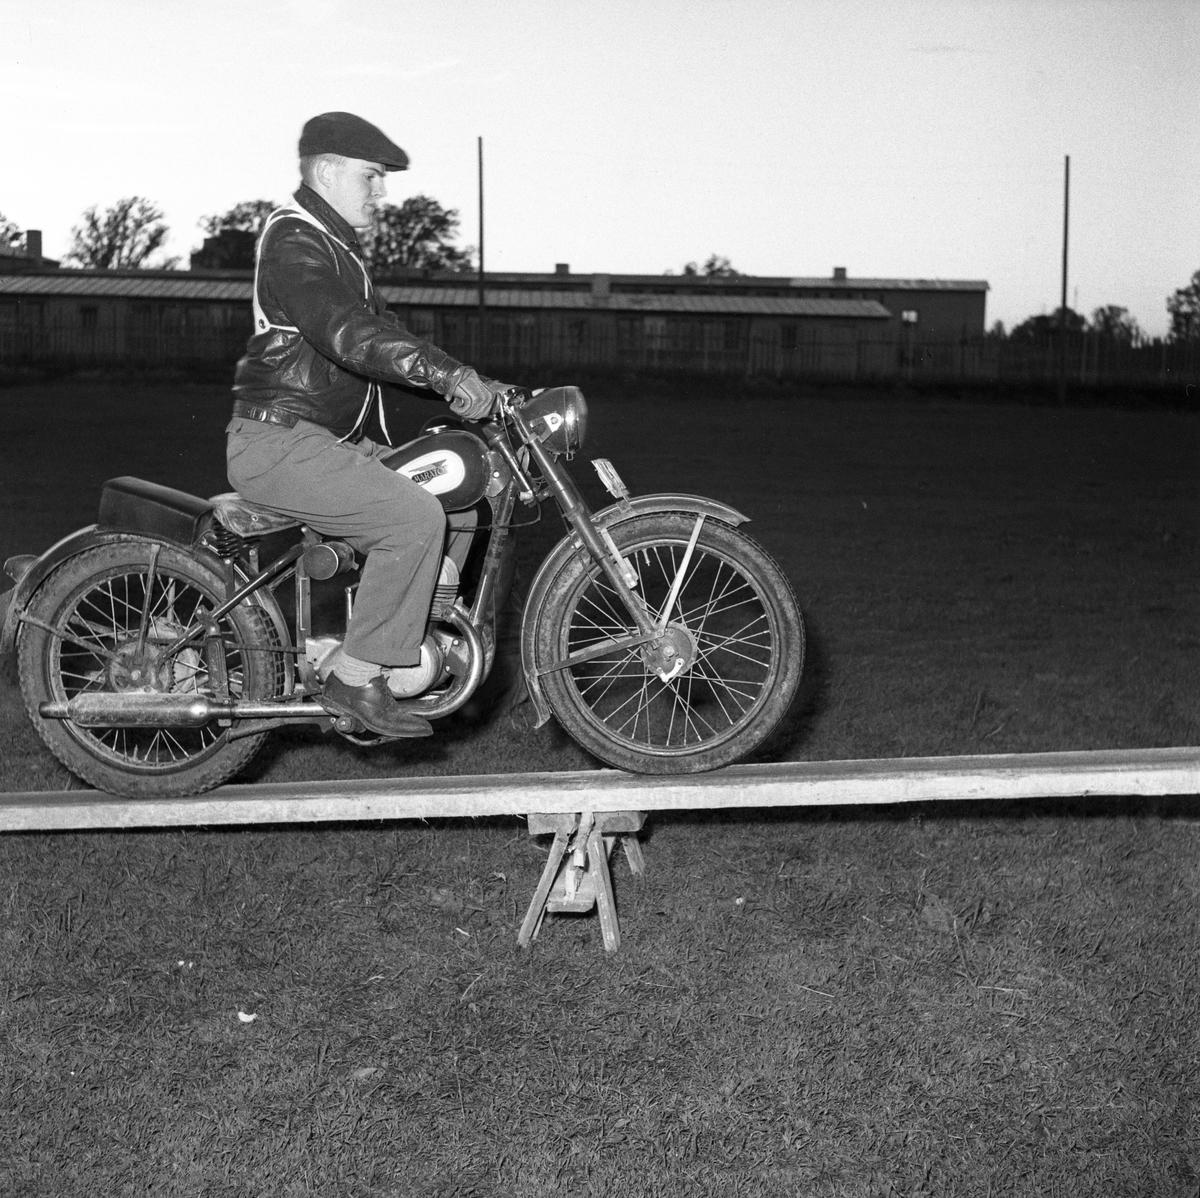 Arbogas Stjärnknutte Balansövning med motorcykel, körning på lutande bräda. Tävling. Mannen är iklädd keps och skinnjacka.